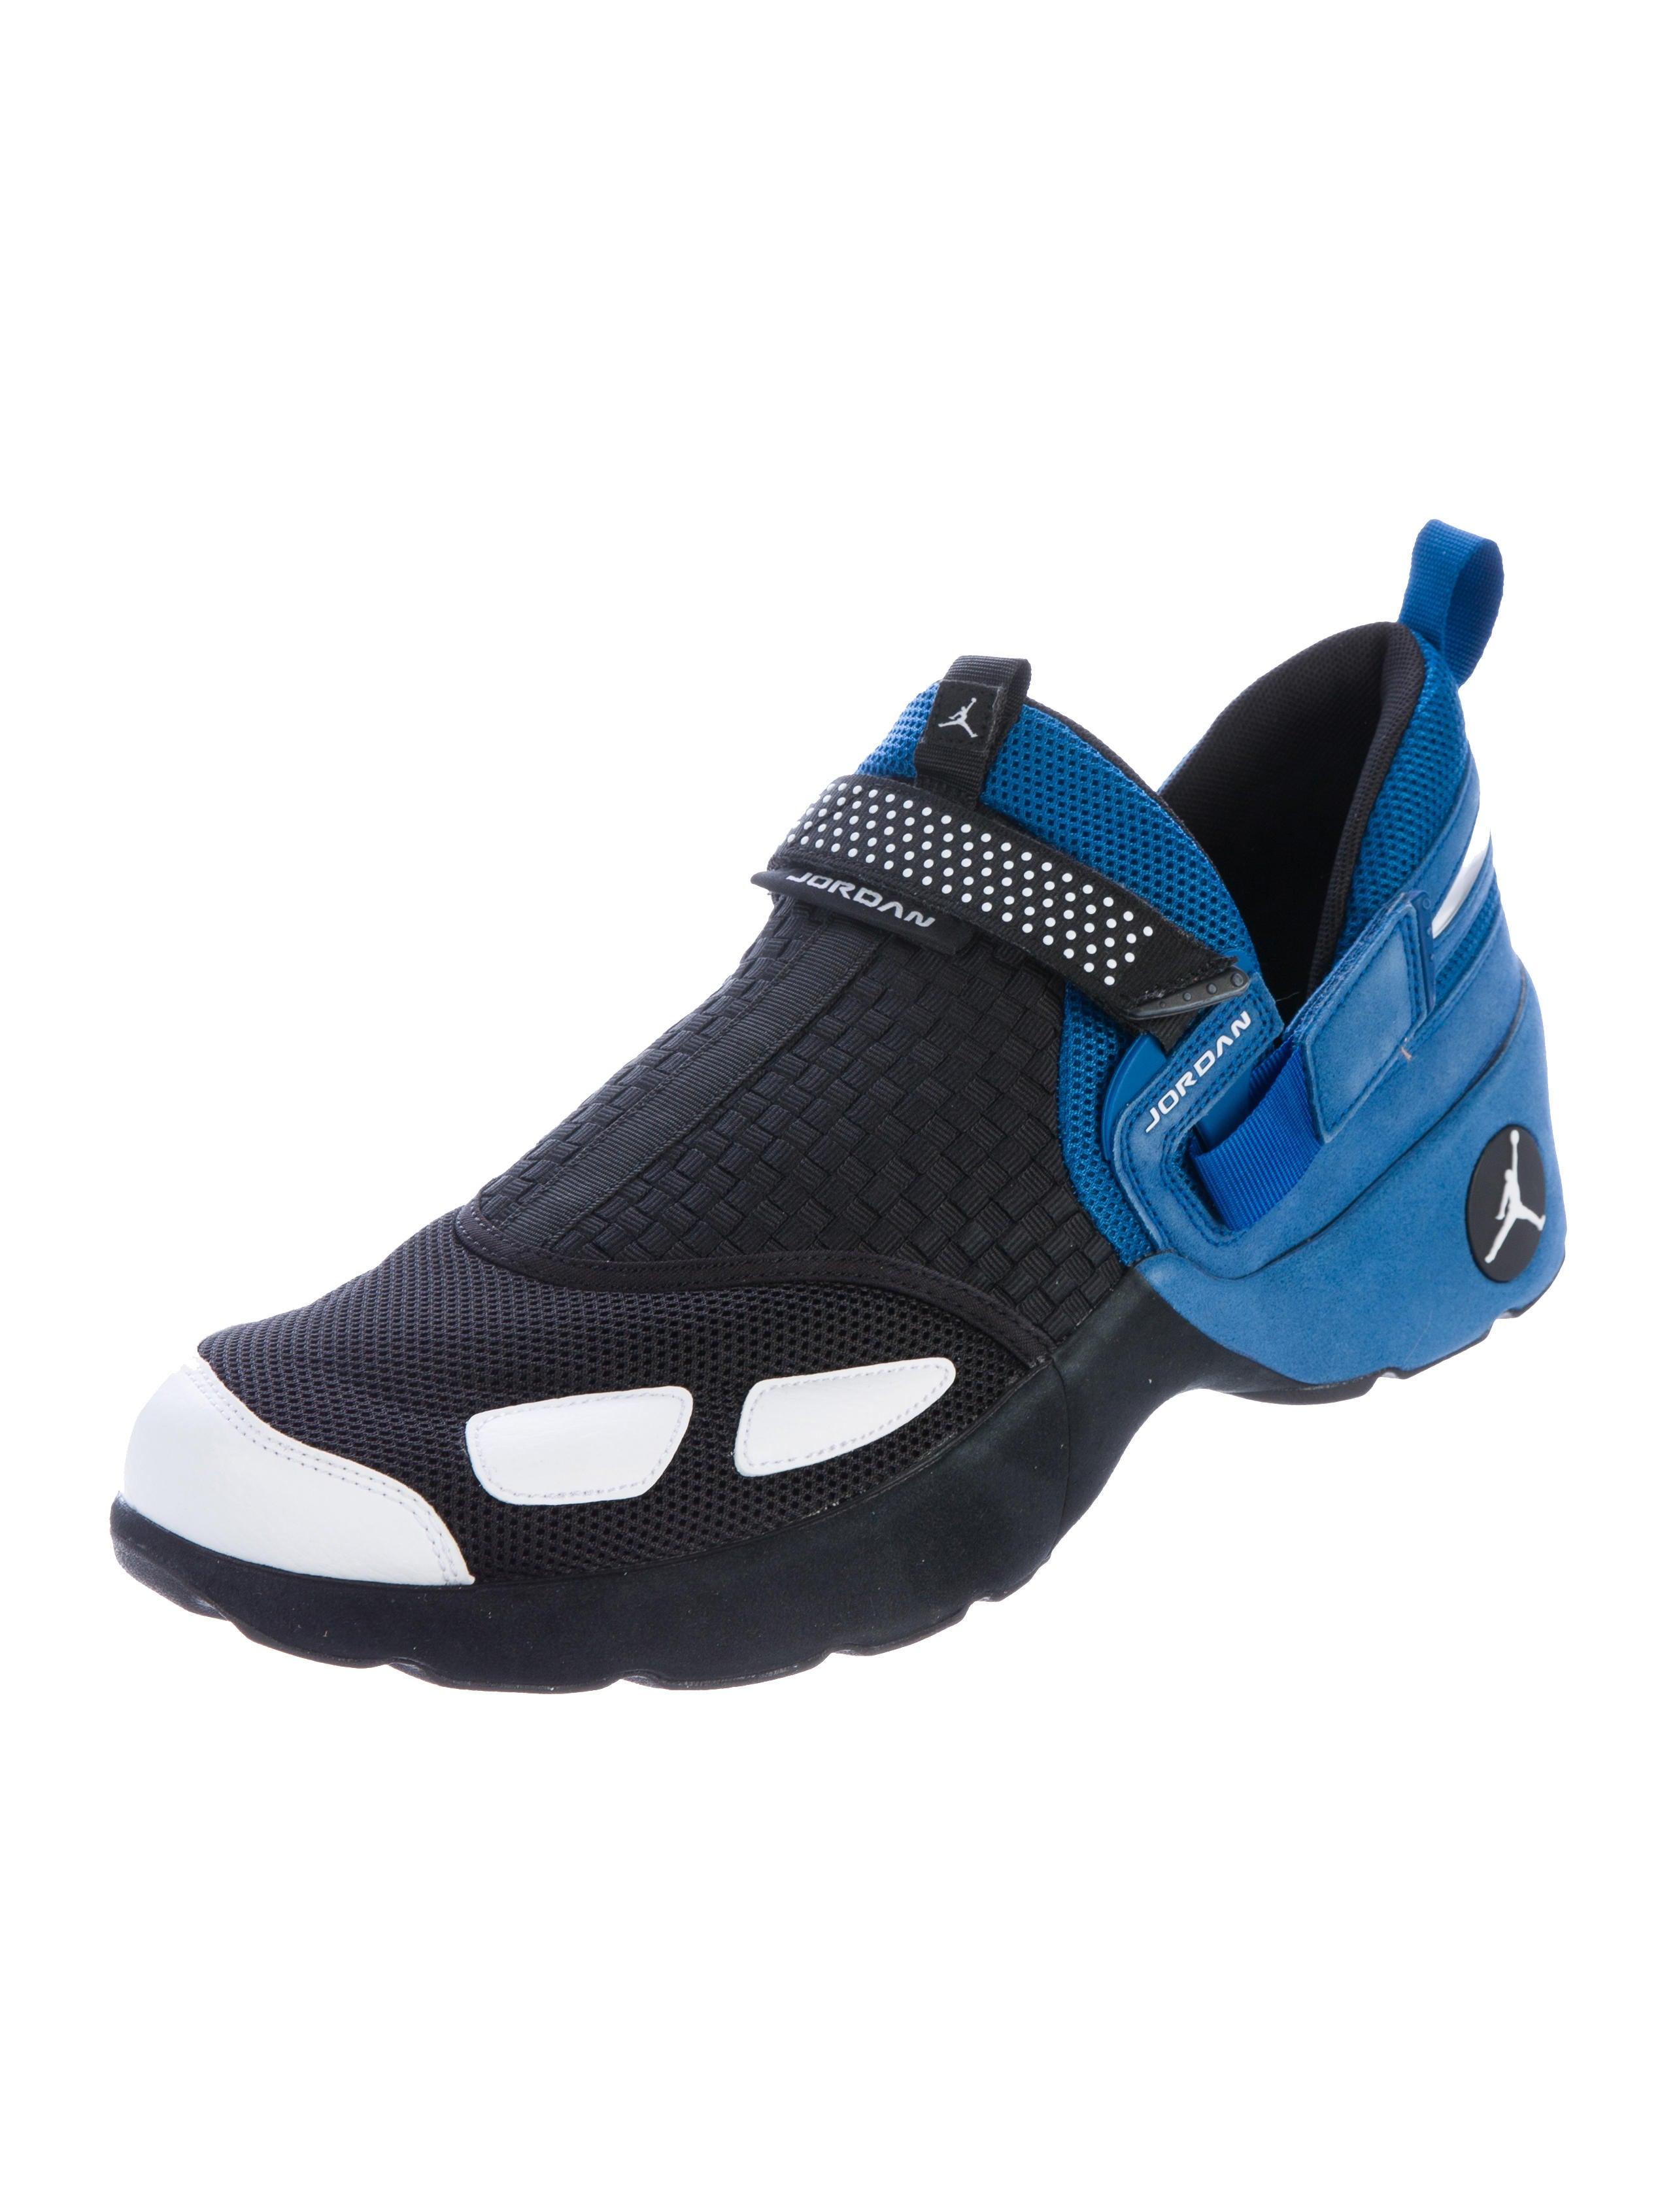 Nike Jordan Shoes Low Top